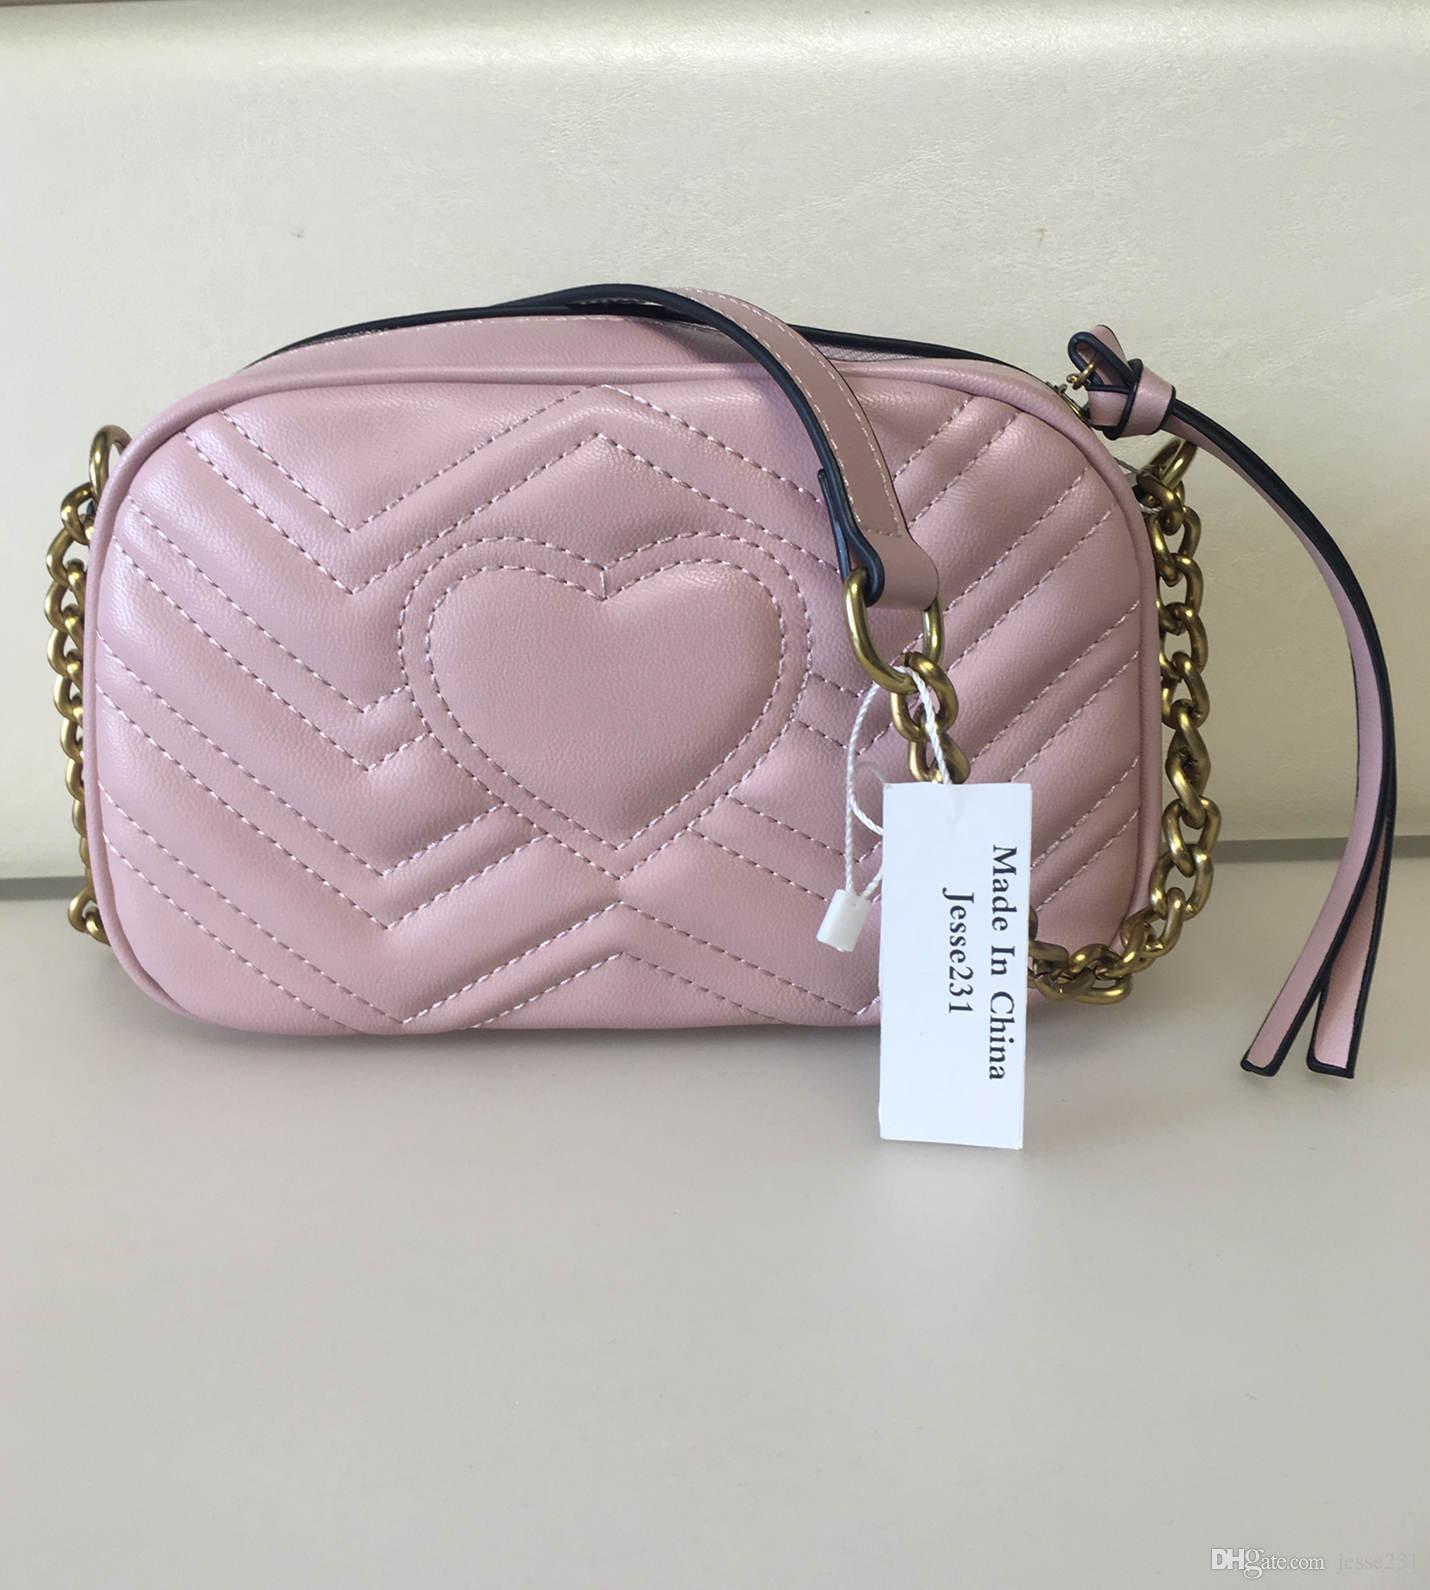 Alta calidad nueva de las mujeres oro de los bolsos de hombro de la cadena bolsas Crossbody Bolsa Soho Disco bolsa de mensajero de la cartera del monedero 5 colores